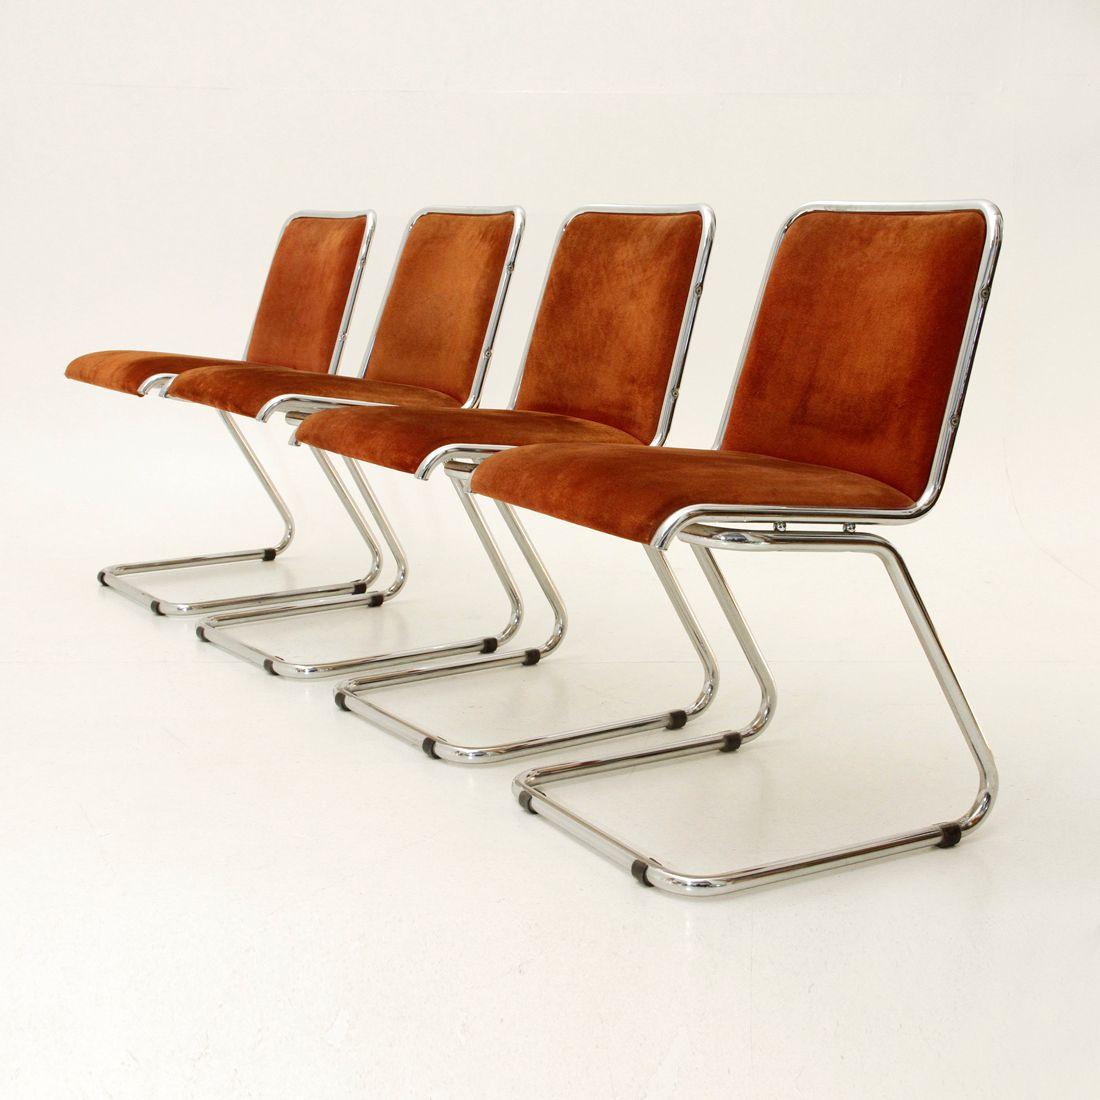 Italienische Esszimmer Stühle aus Chrom & Wildleder, 1970er, 4er Set bei Pamono kaufen